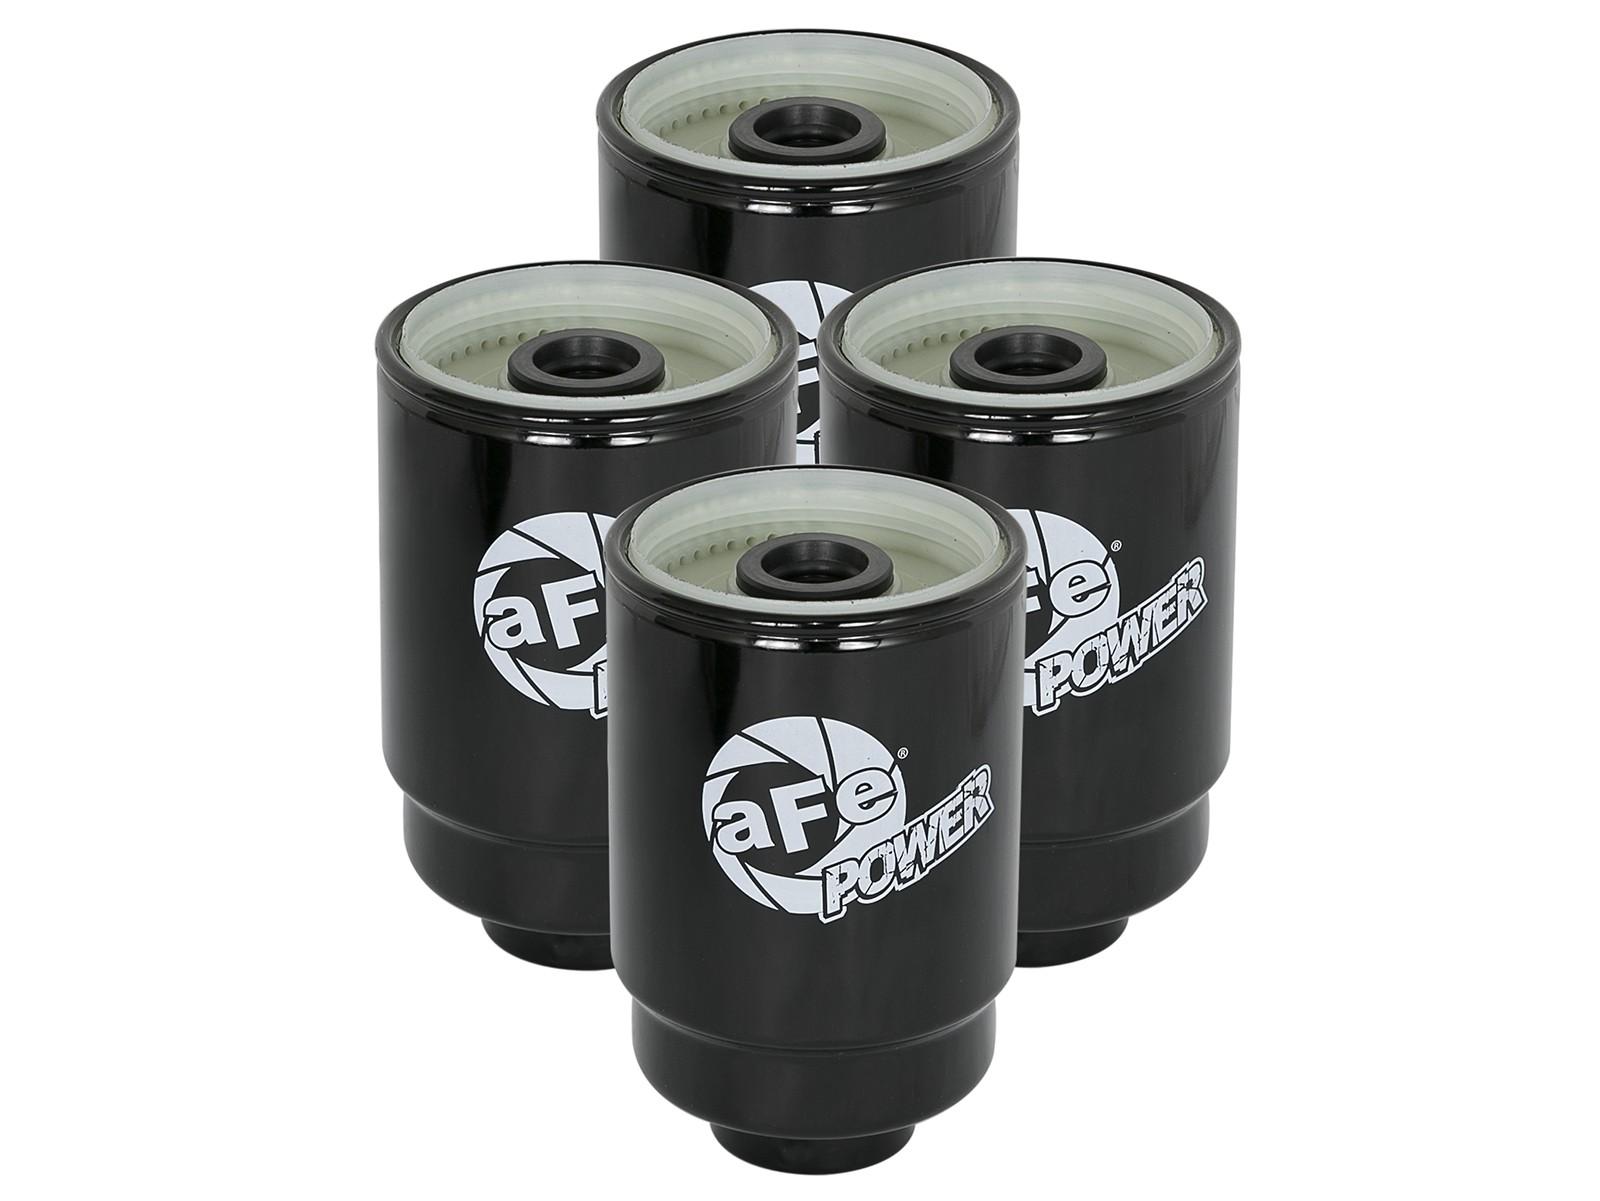 Pro GUARD HD Fuel Filter (4 Pack) | aFe POWER | Afe Duramax Fuel Filter |  | aFe POWER